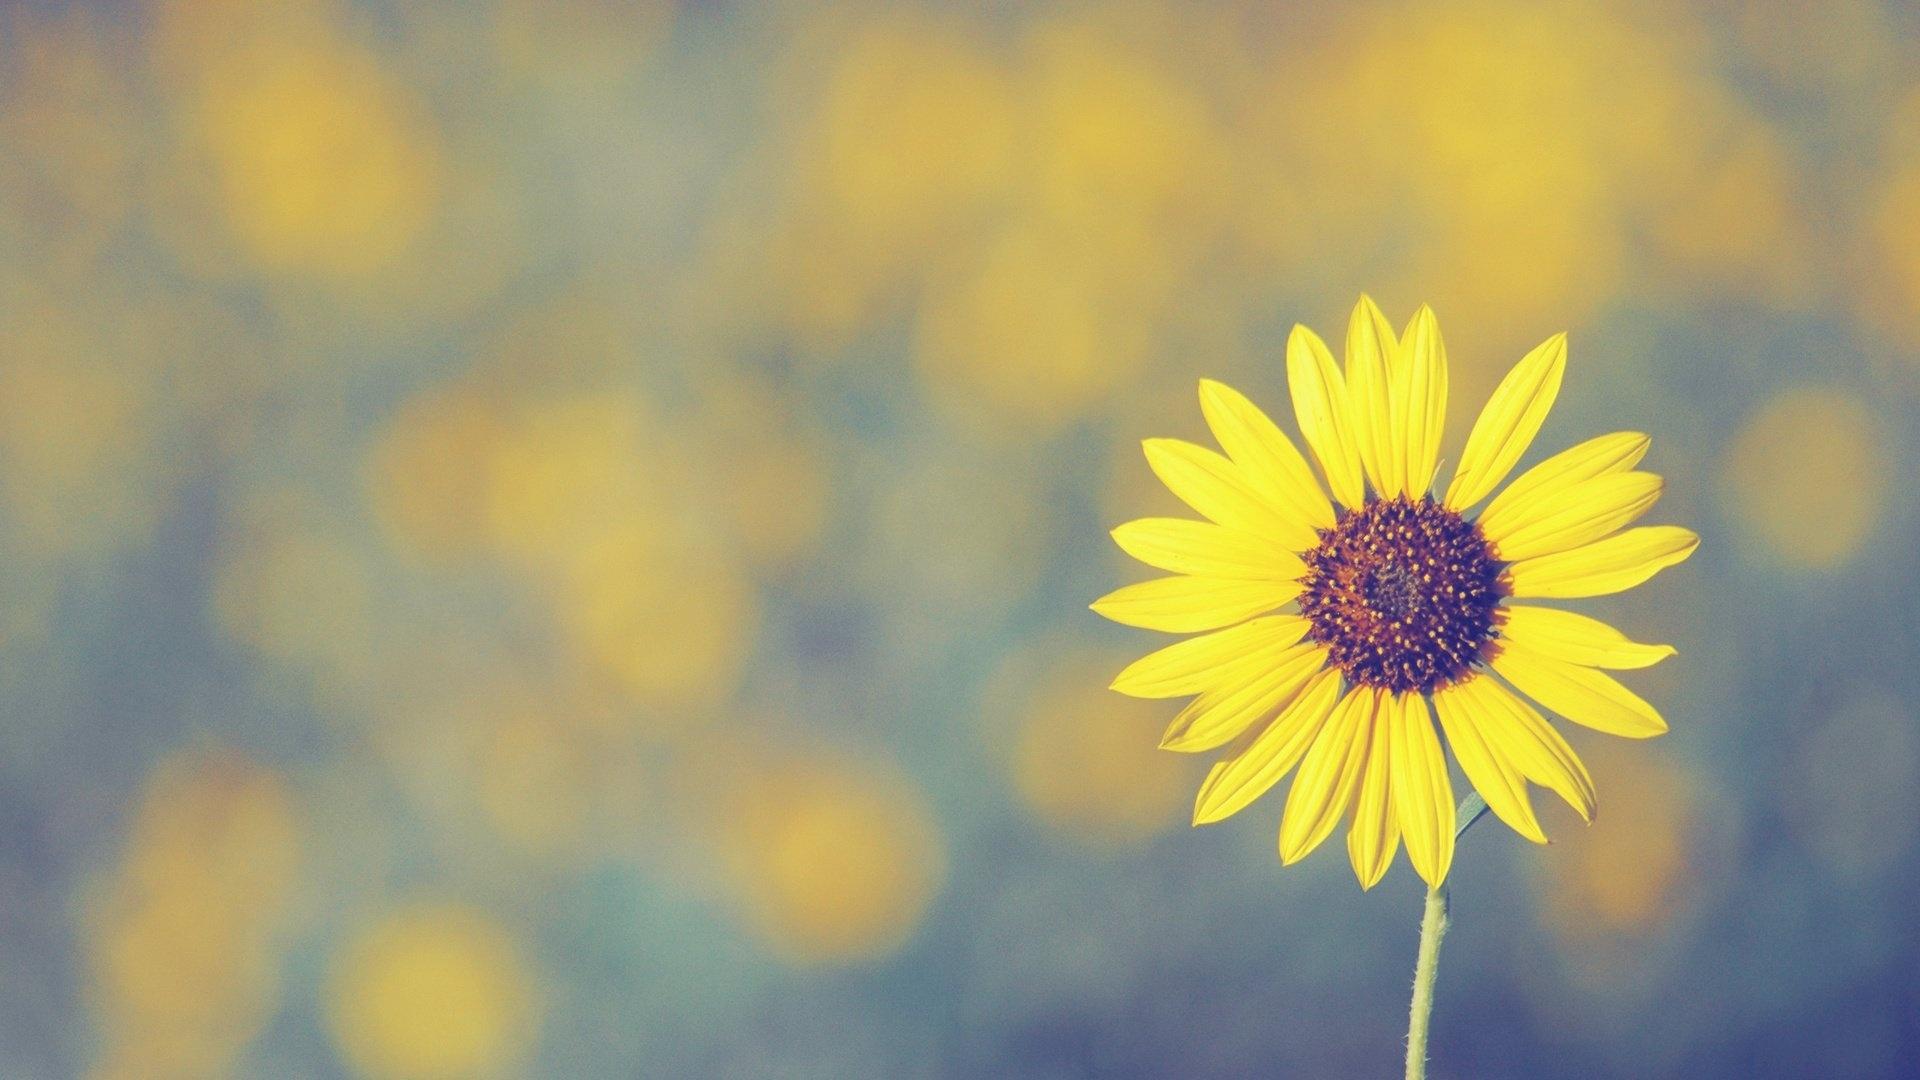 Sunflower best wallpaper